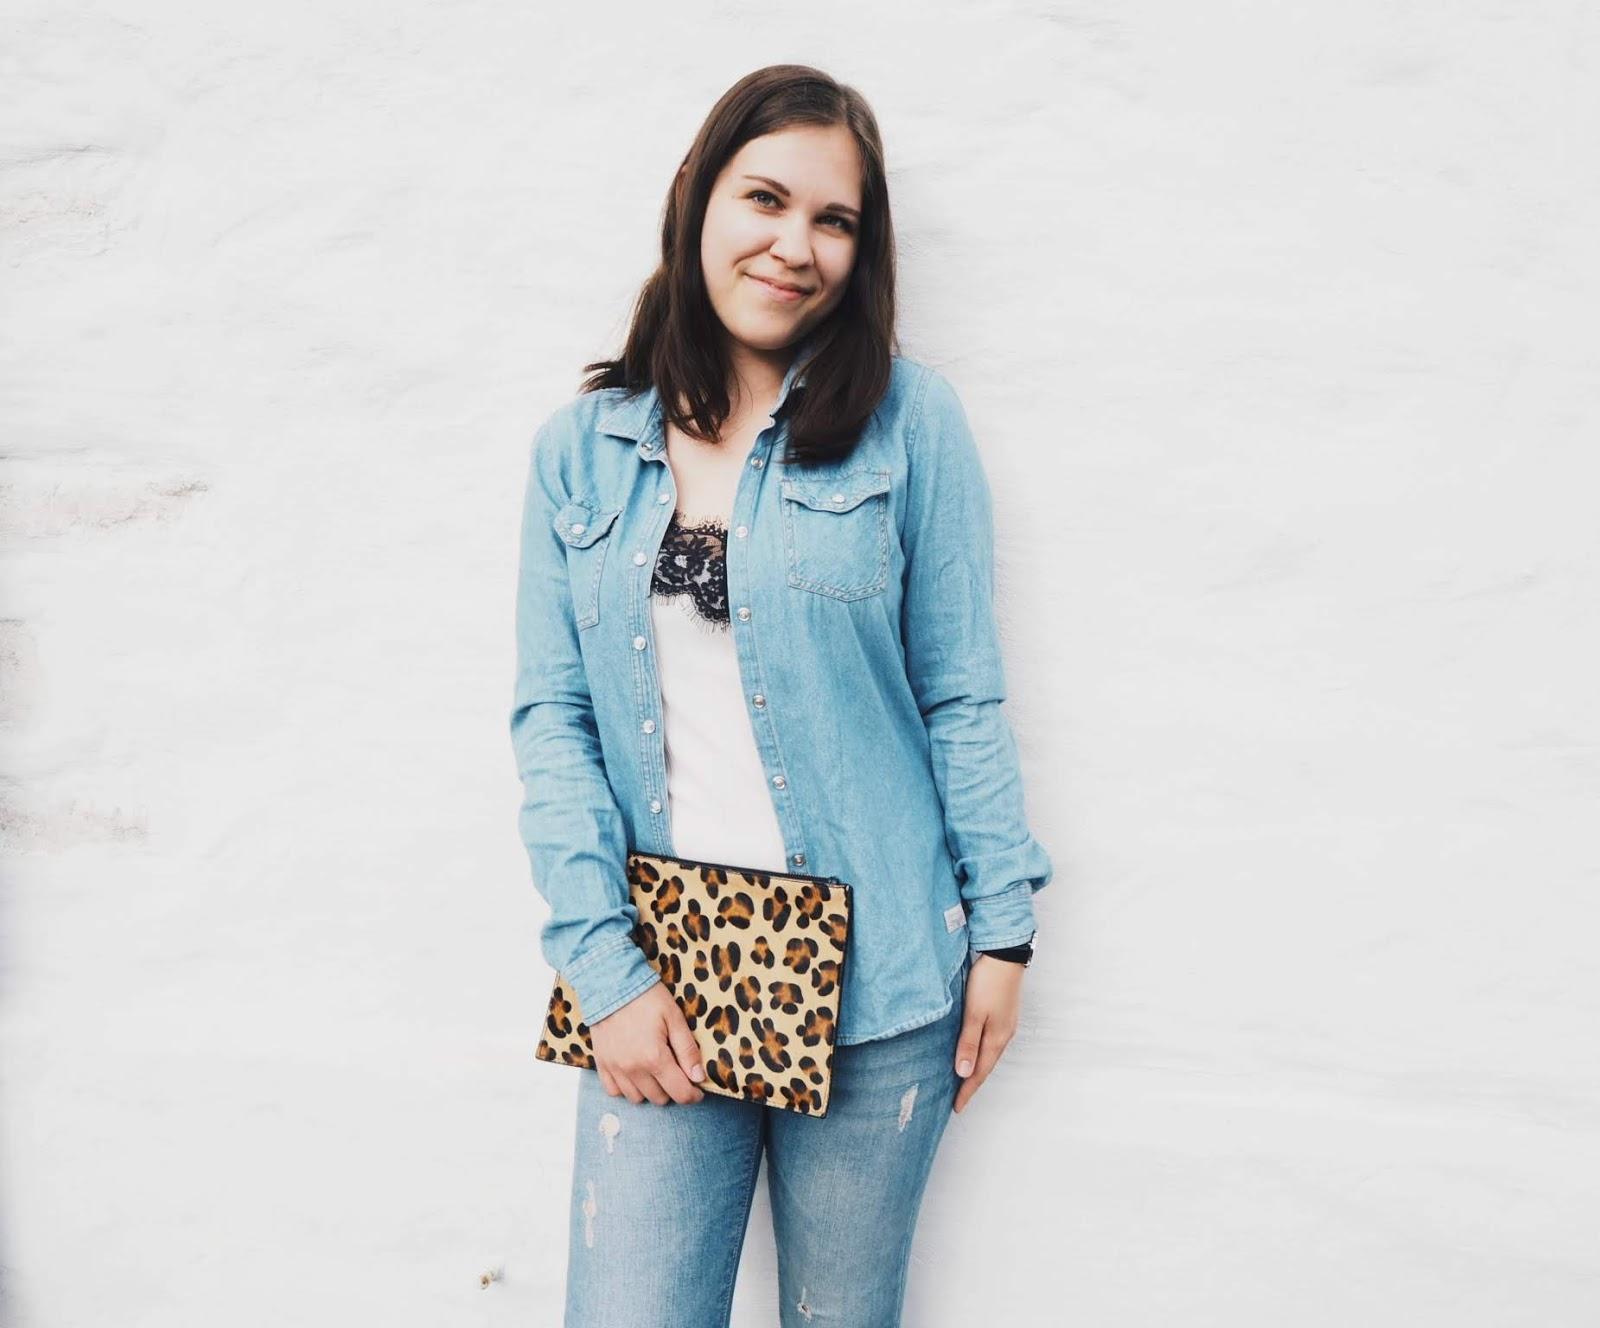 lifestyle blogger tallinn estonia tallinnavinkkejä lifestyleblogi double denim outfit